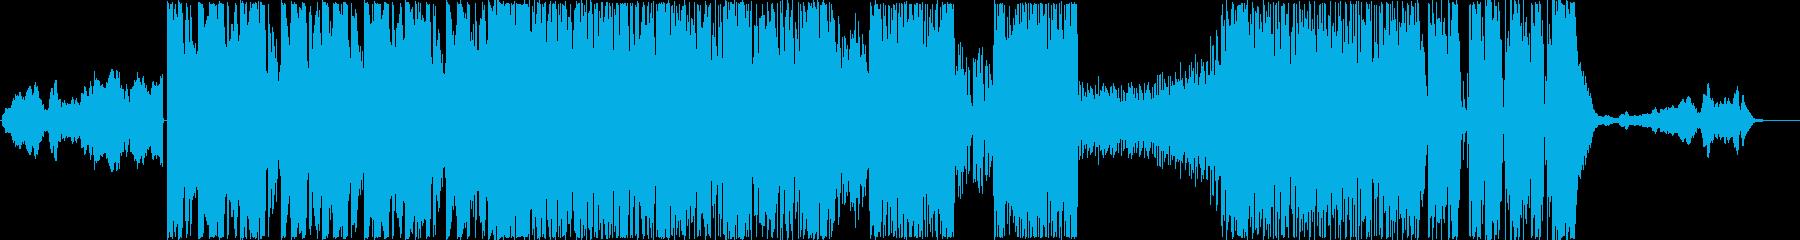 バトルラウンドBGMの再生済みの波形